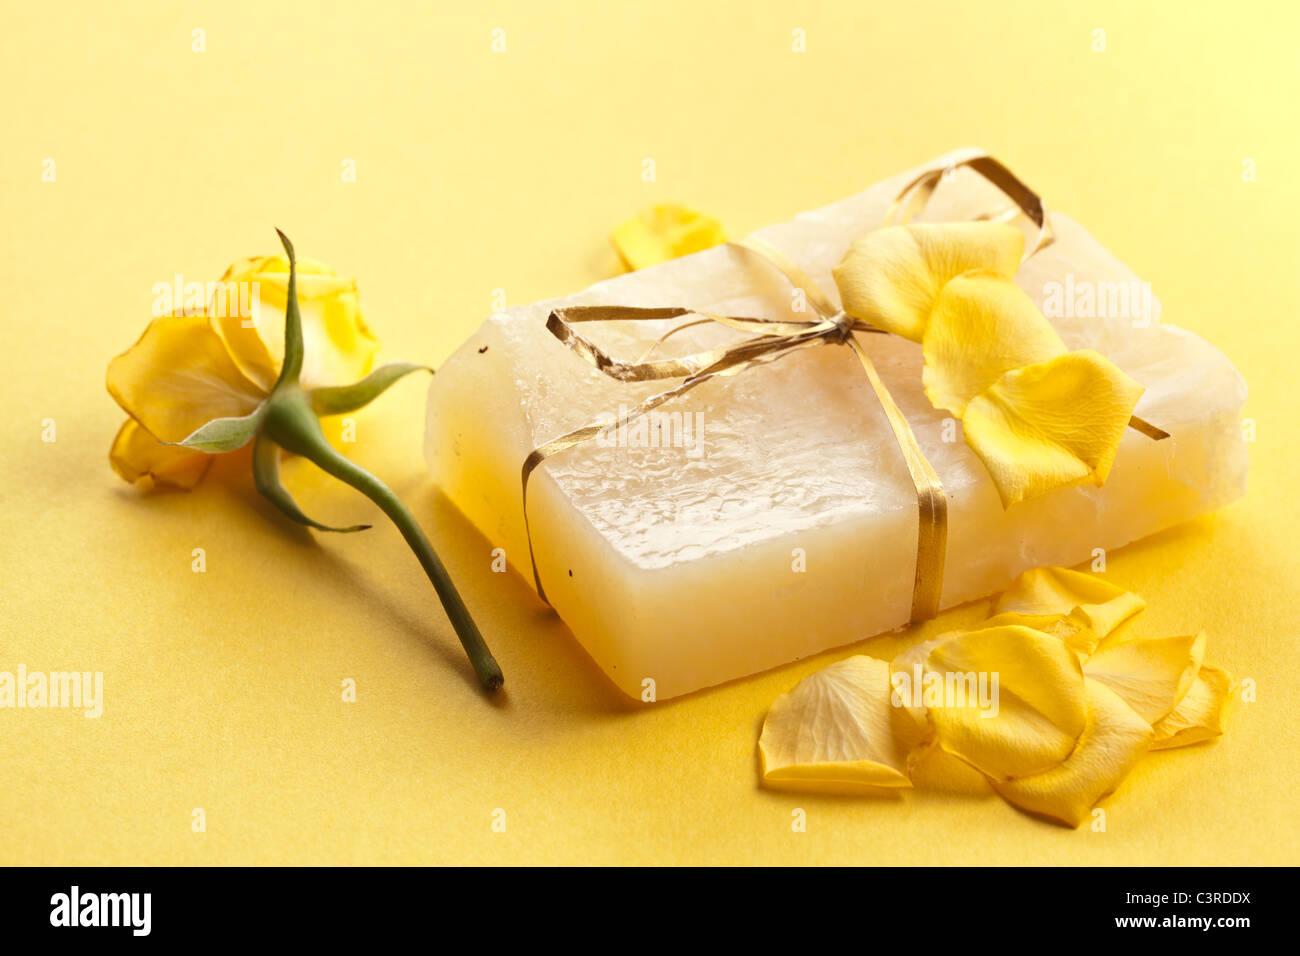 Pieza de mano jabón de flores. Imagen De Stock